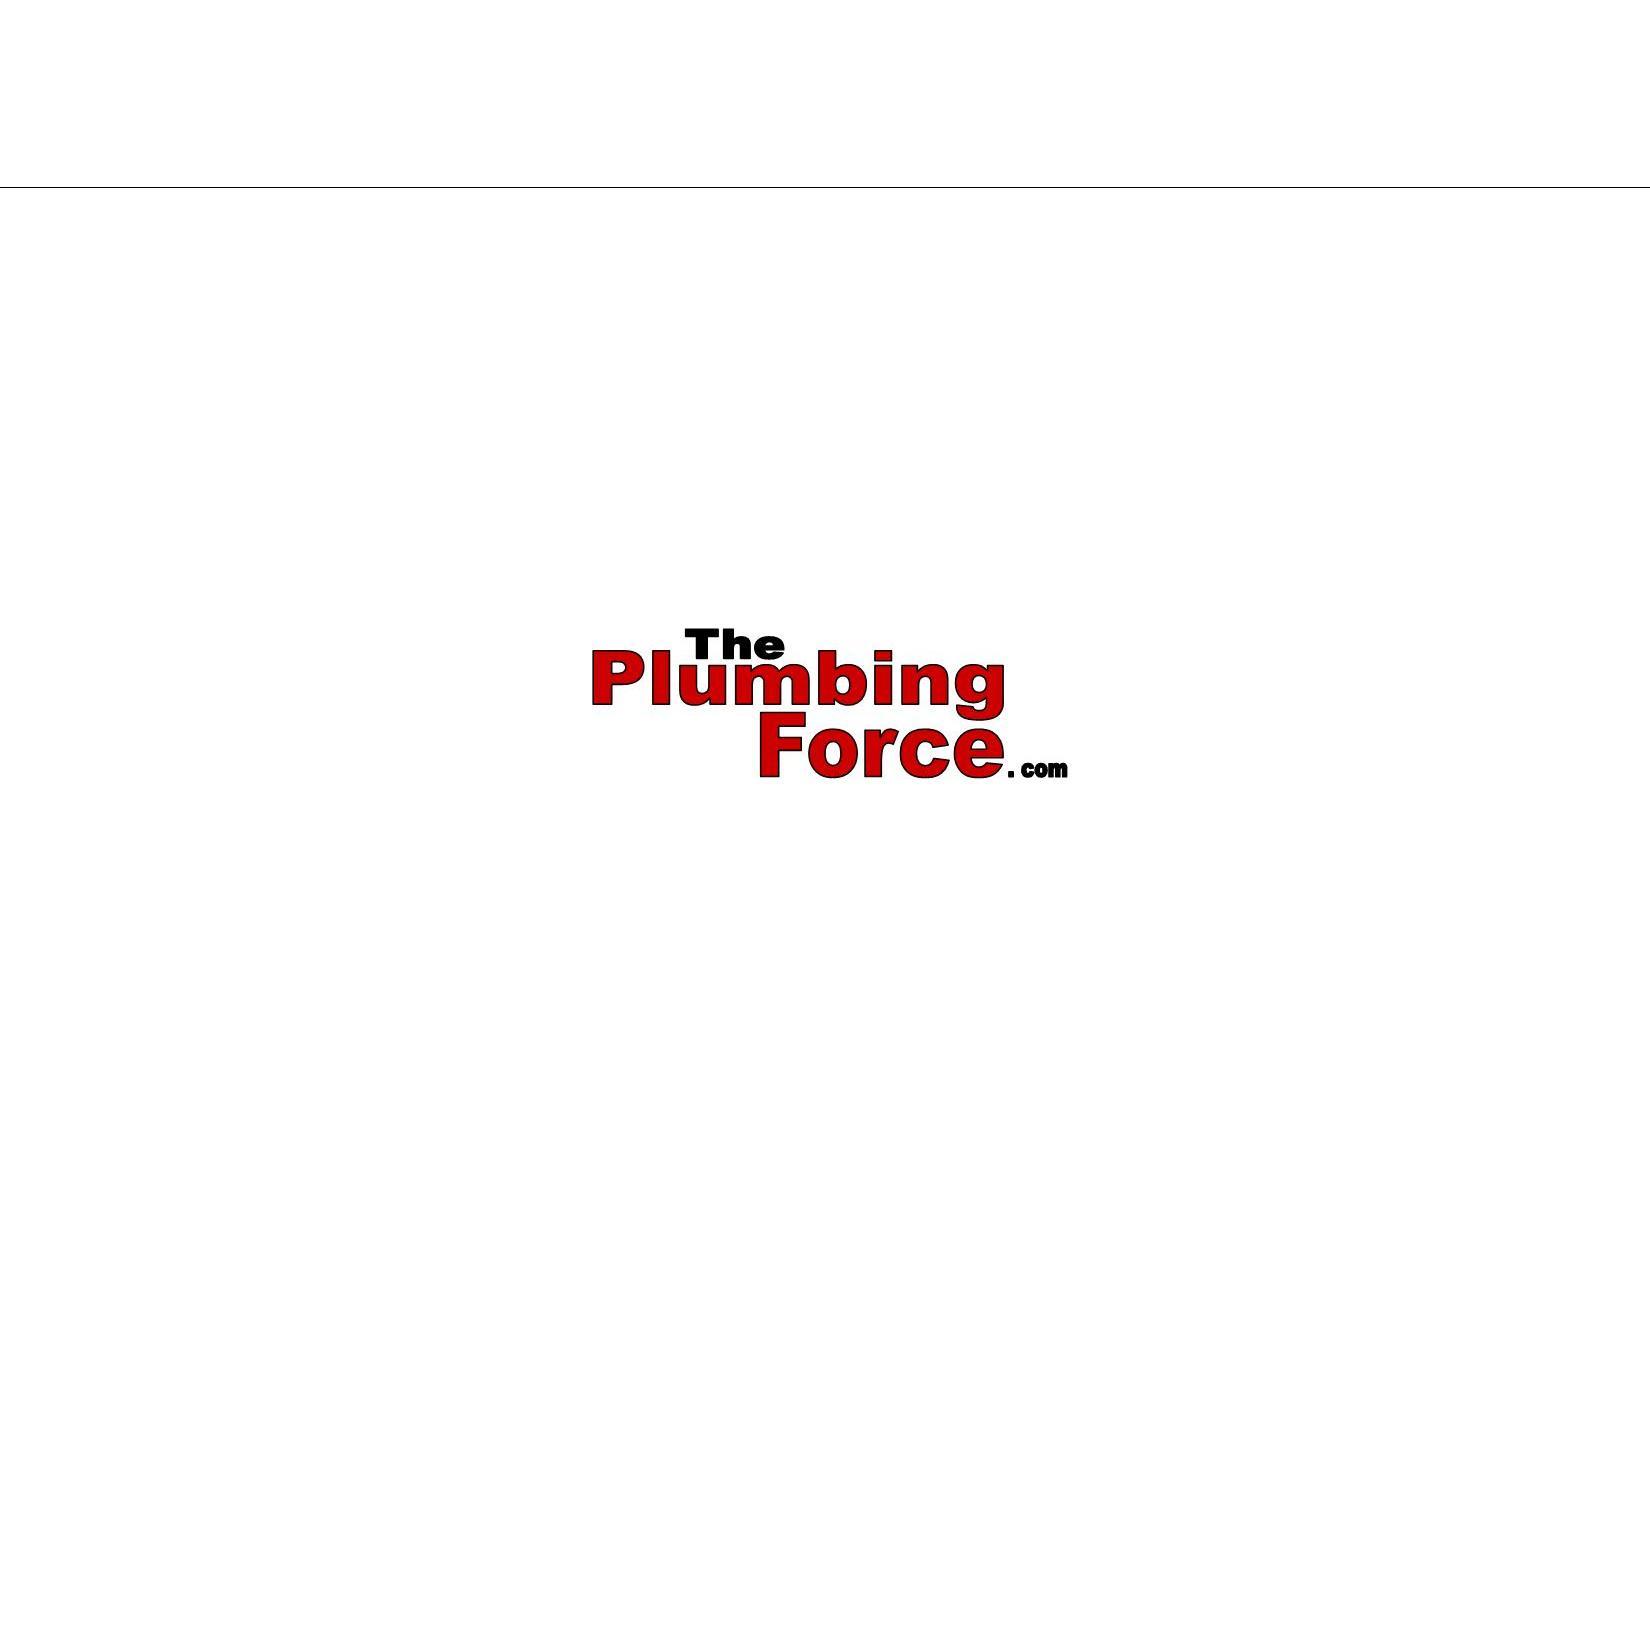 The Plumbing Force